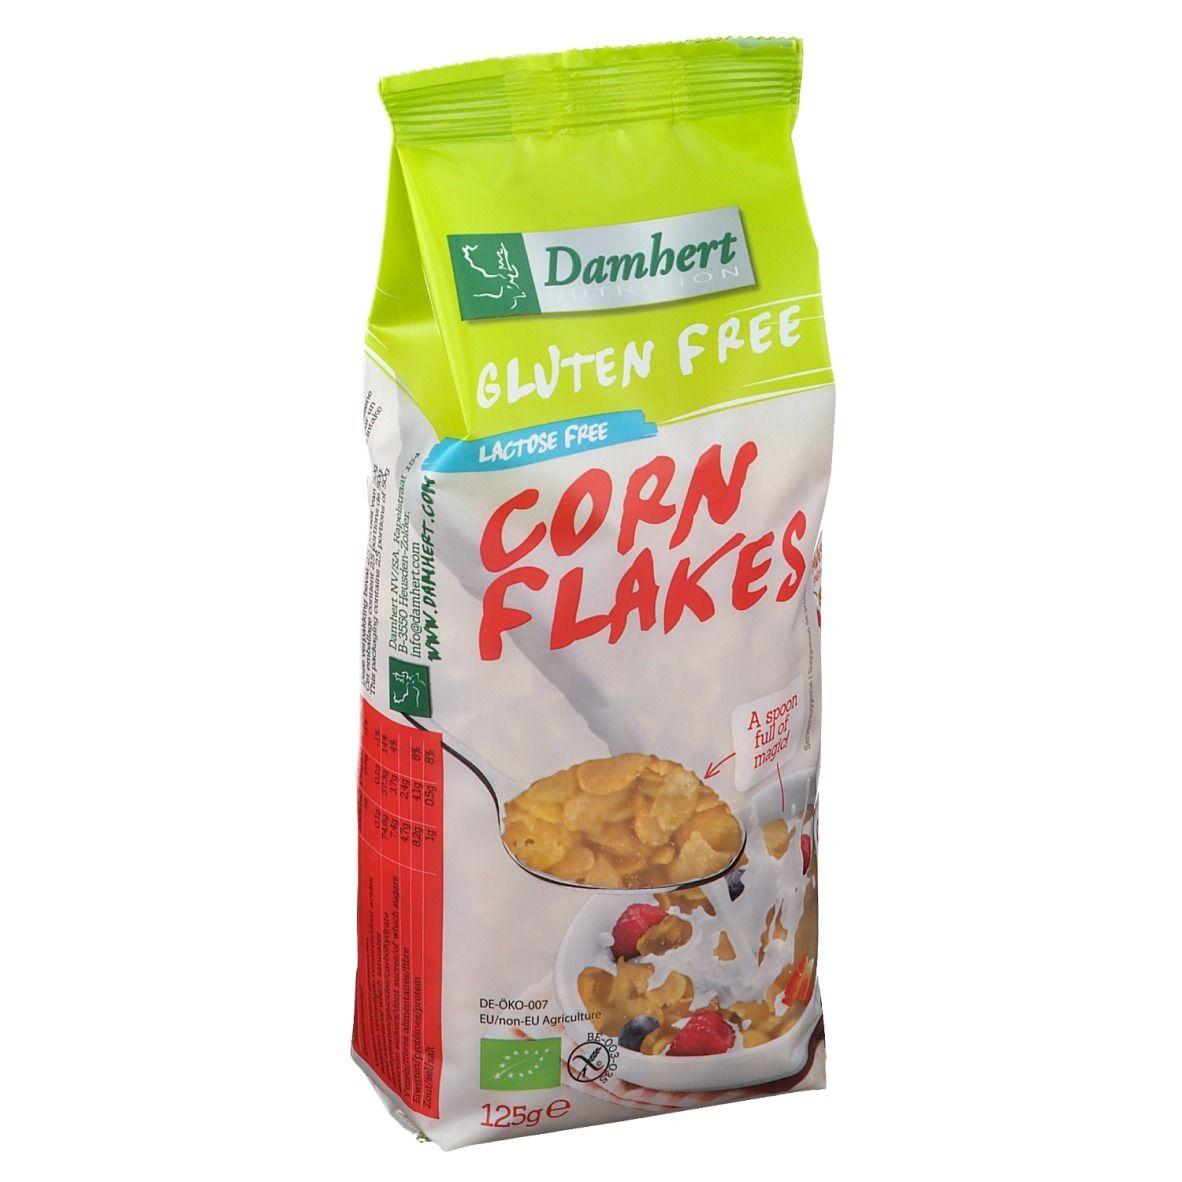 Damhert Cornflakes sans gluten g